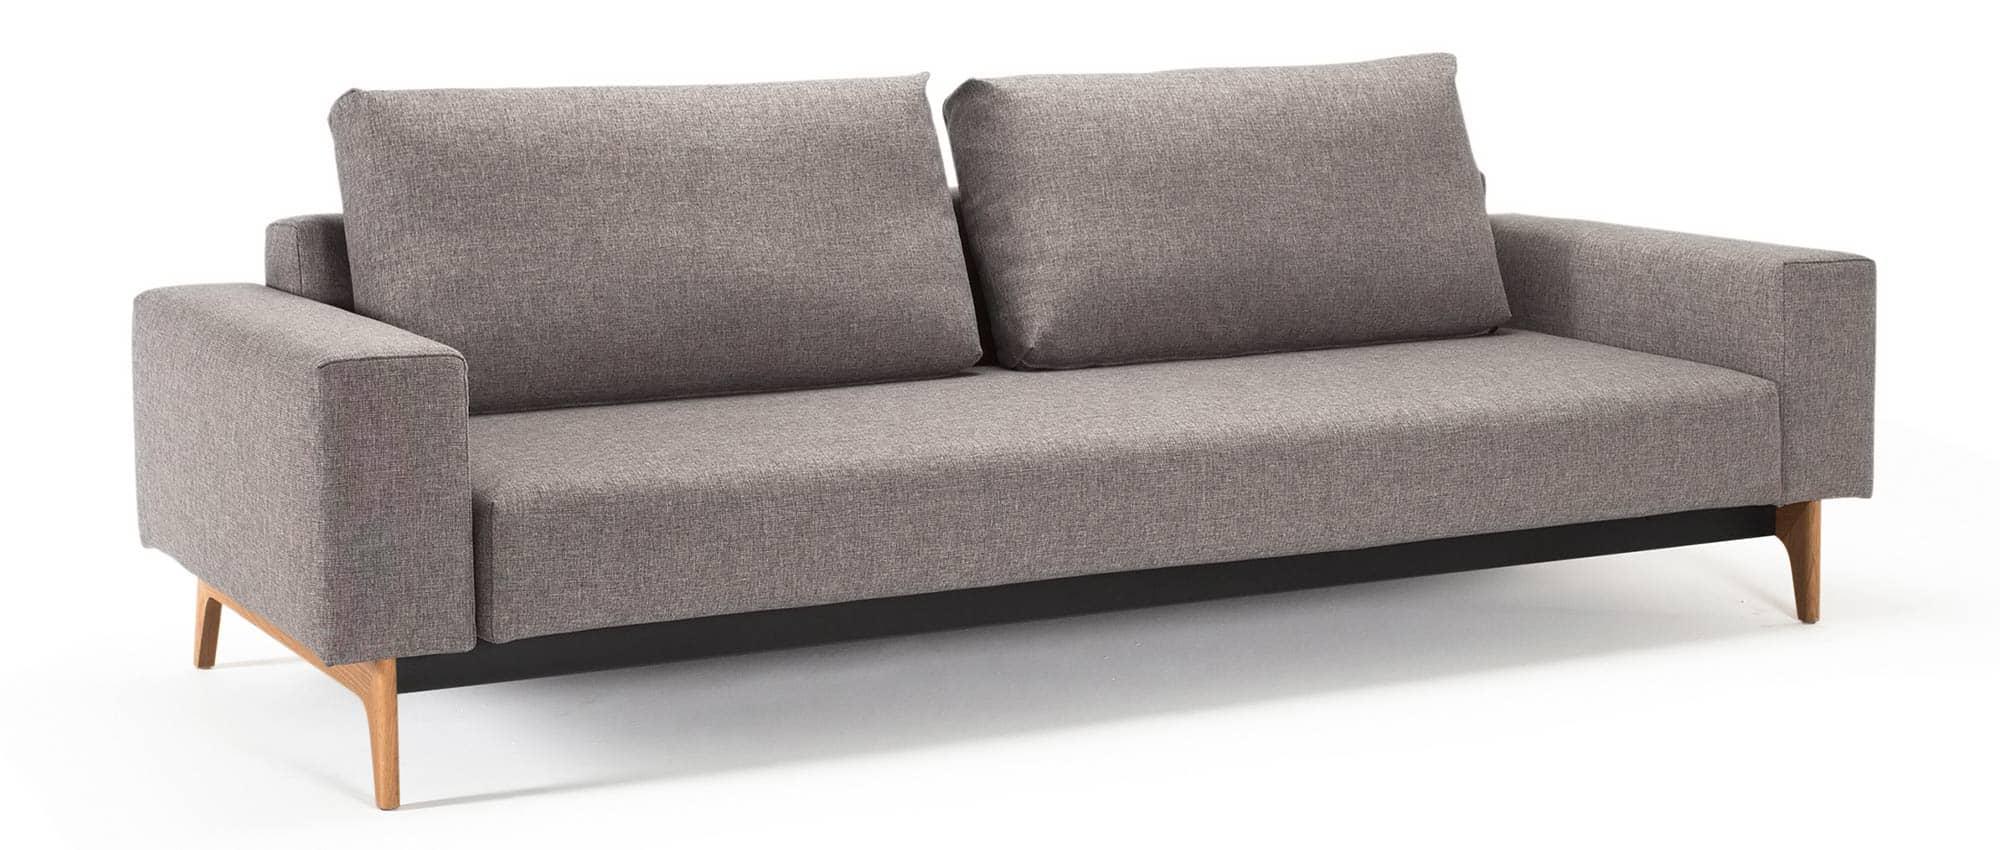 schlafsofa idun mit oder ohne lounger von innovation. Black Bedroom Furniture Sets. Home Design Ideas